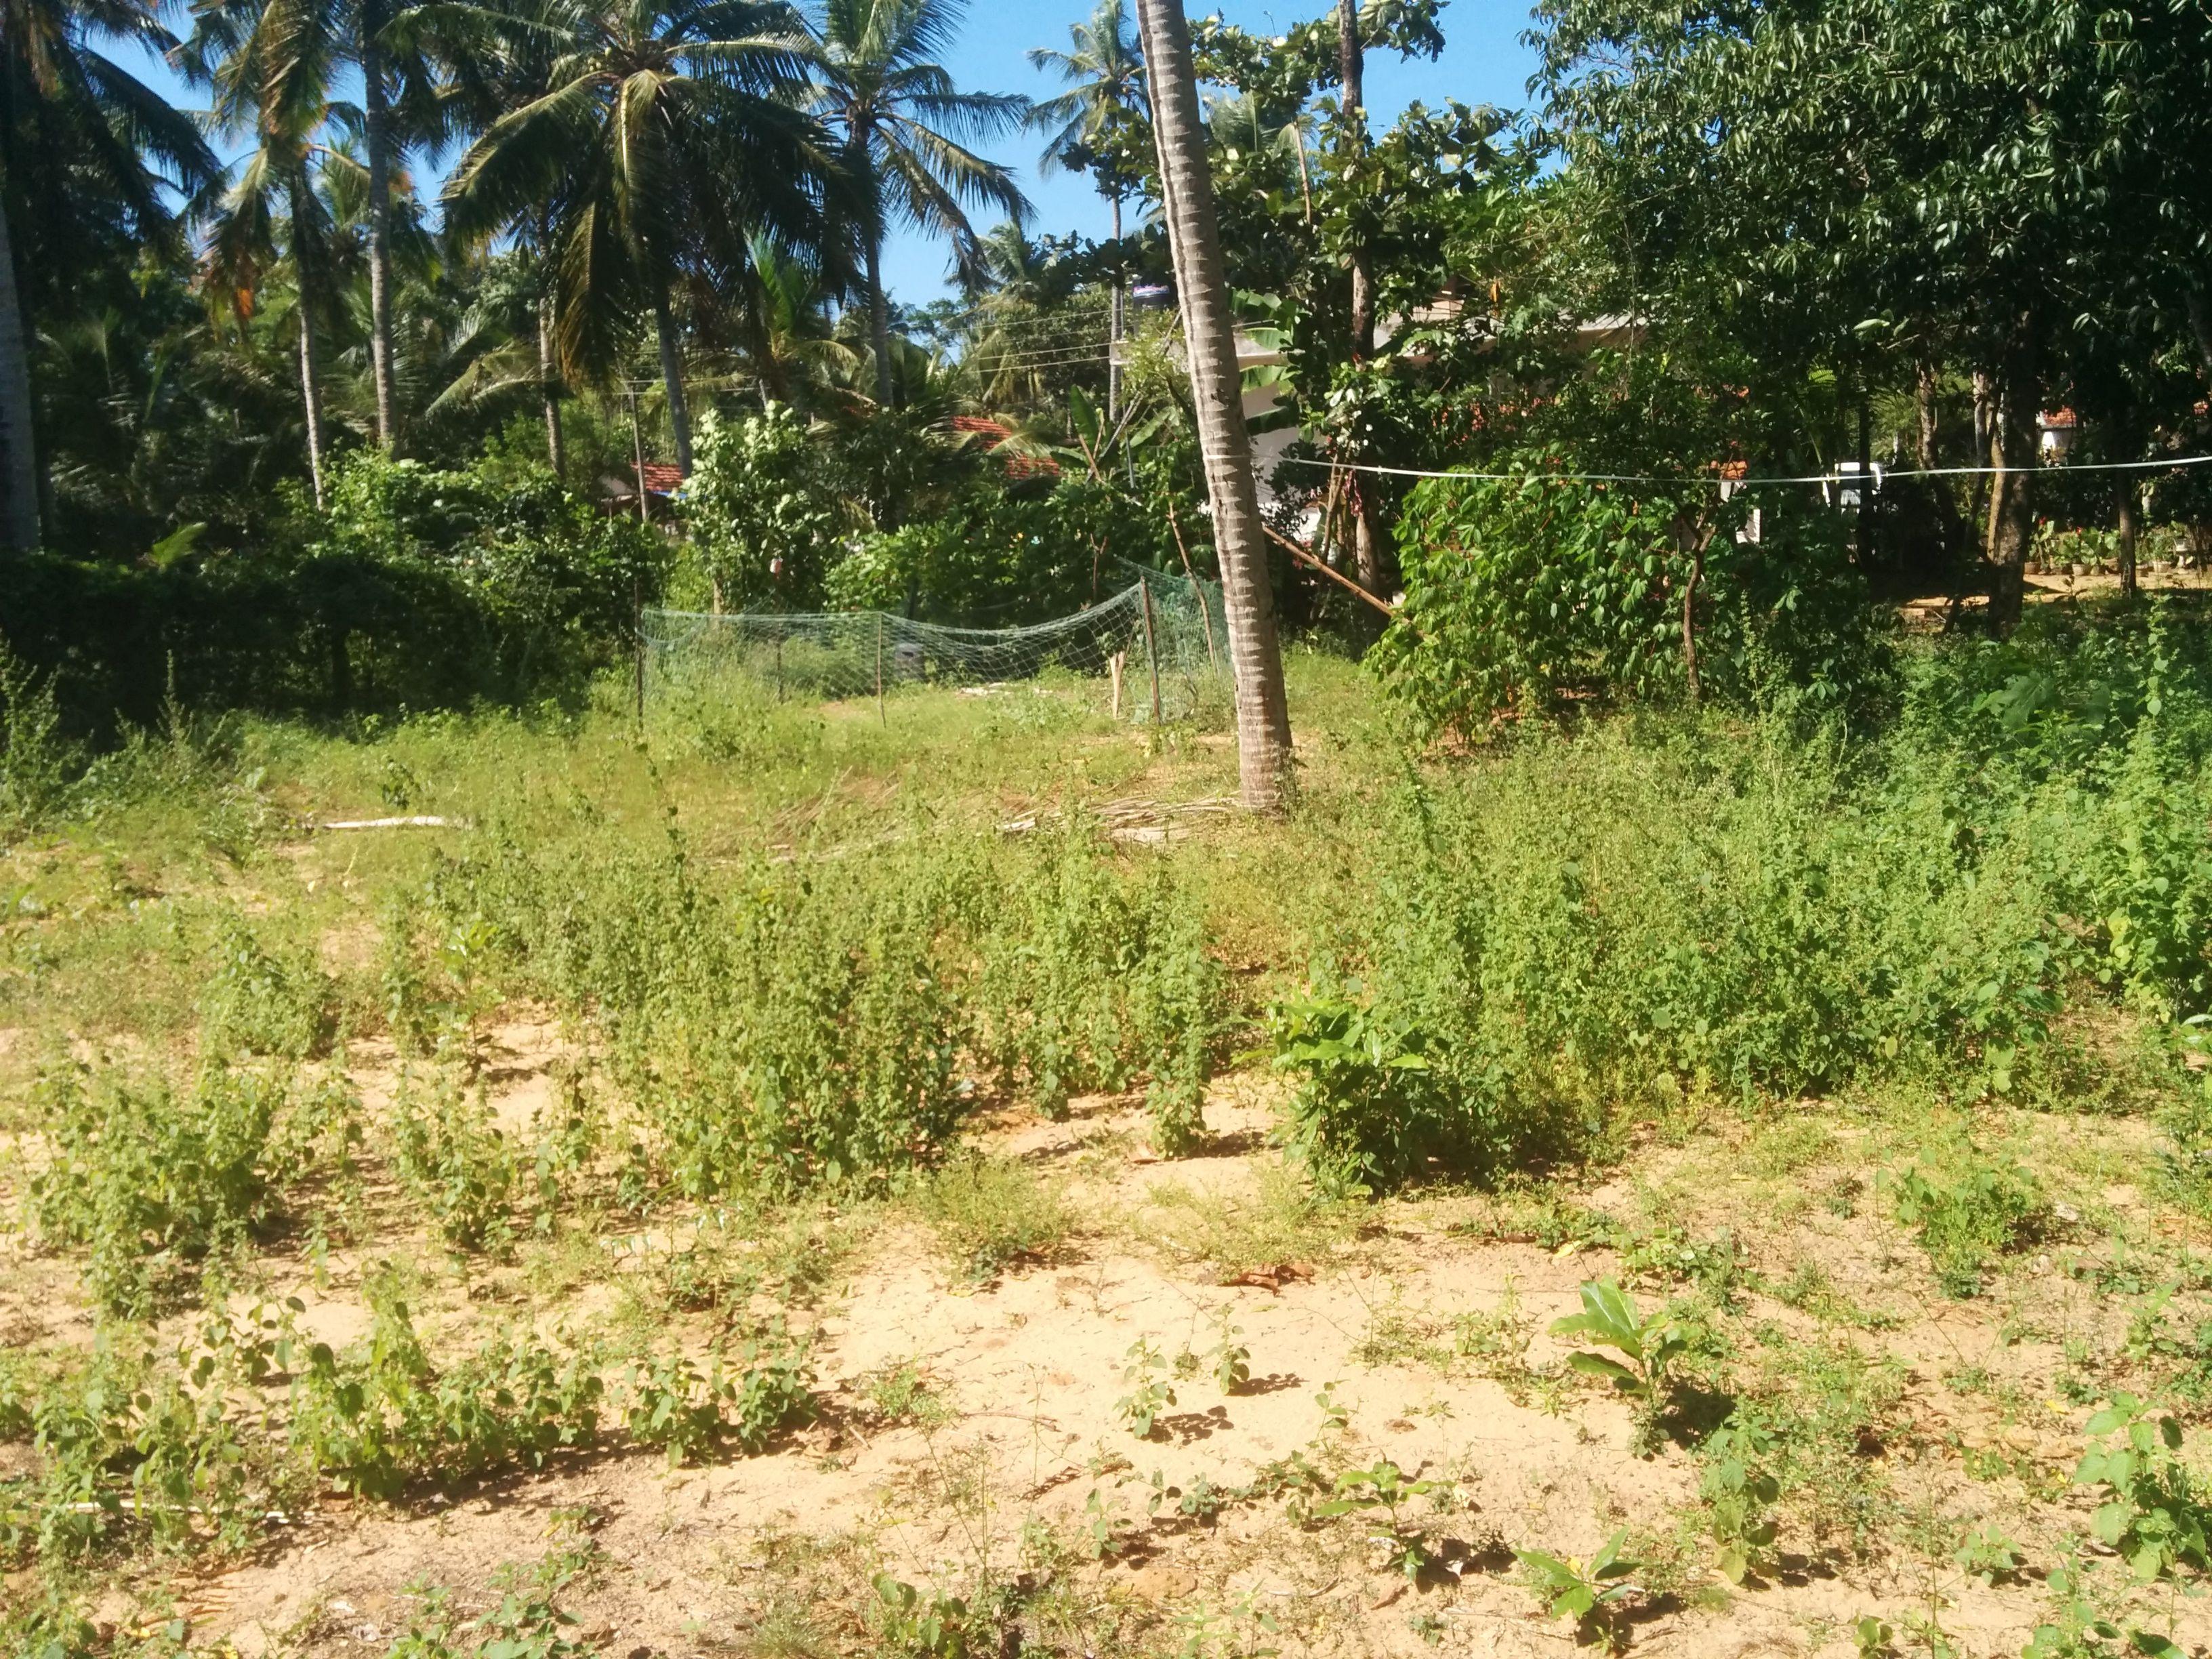 Land For Sale In Negombo Welihena Real Estate Visit Sri Lanka Https Visitsrilanka Com Property Properties Land F Negombo Land For Sale Beautiful Places